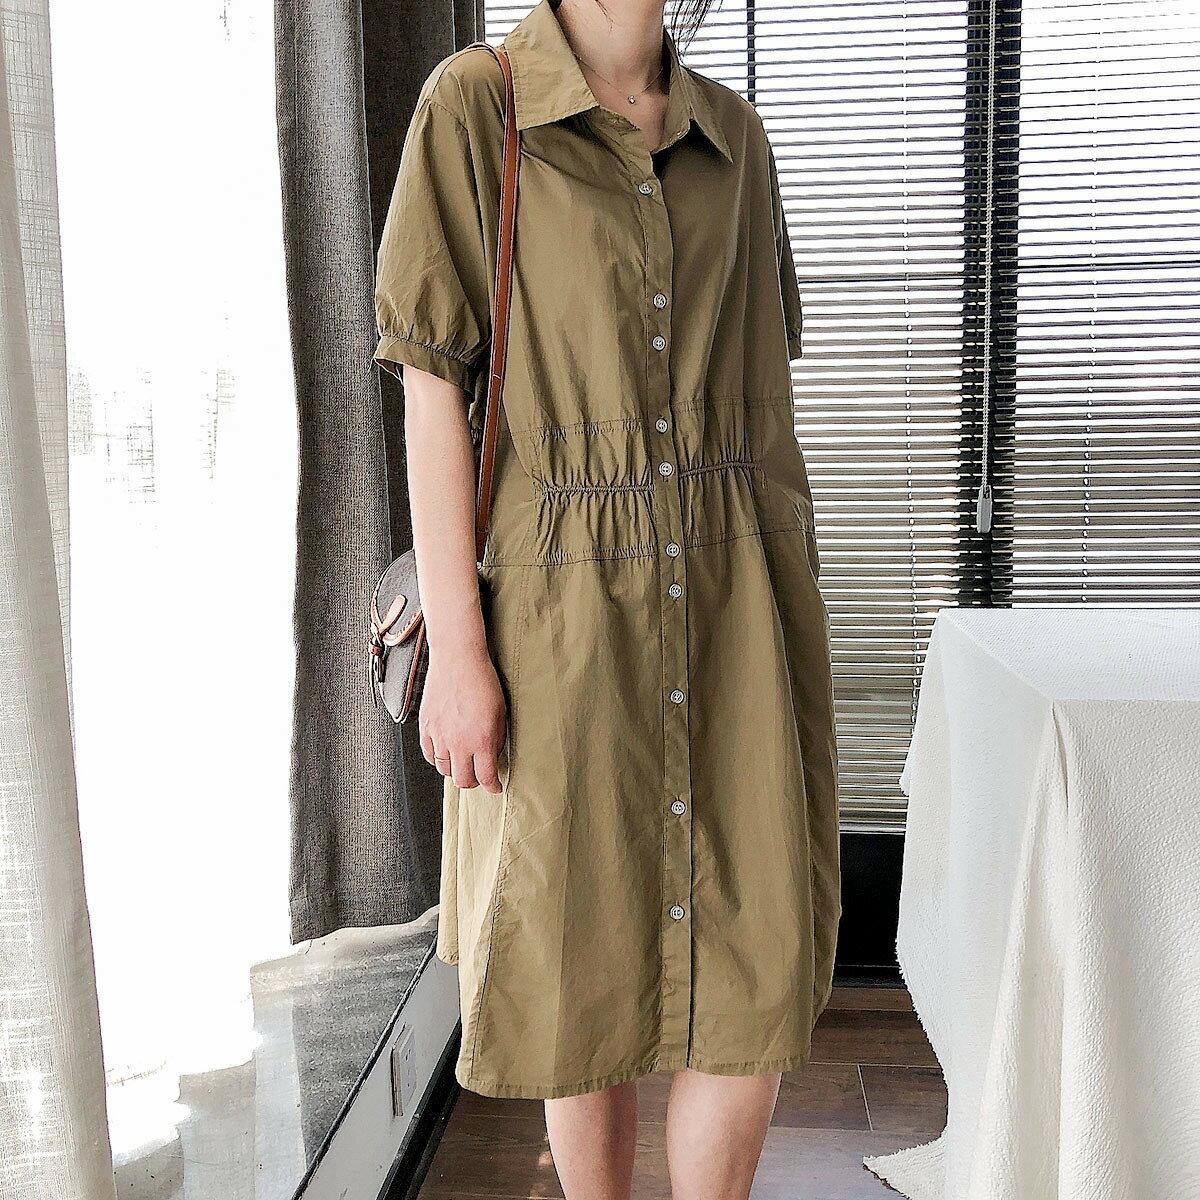 夏季新款韓版寬鬆抽褶顯瘦減齡翻領中長款襯衫裙潮